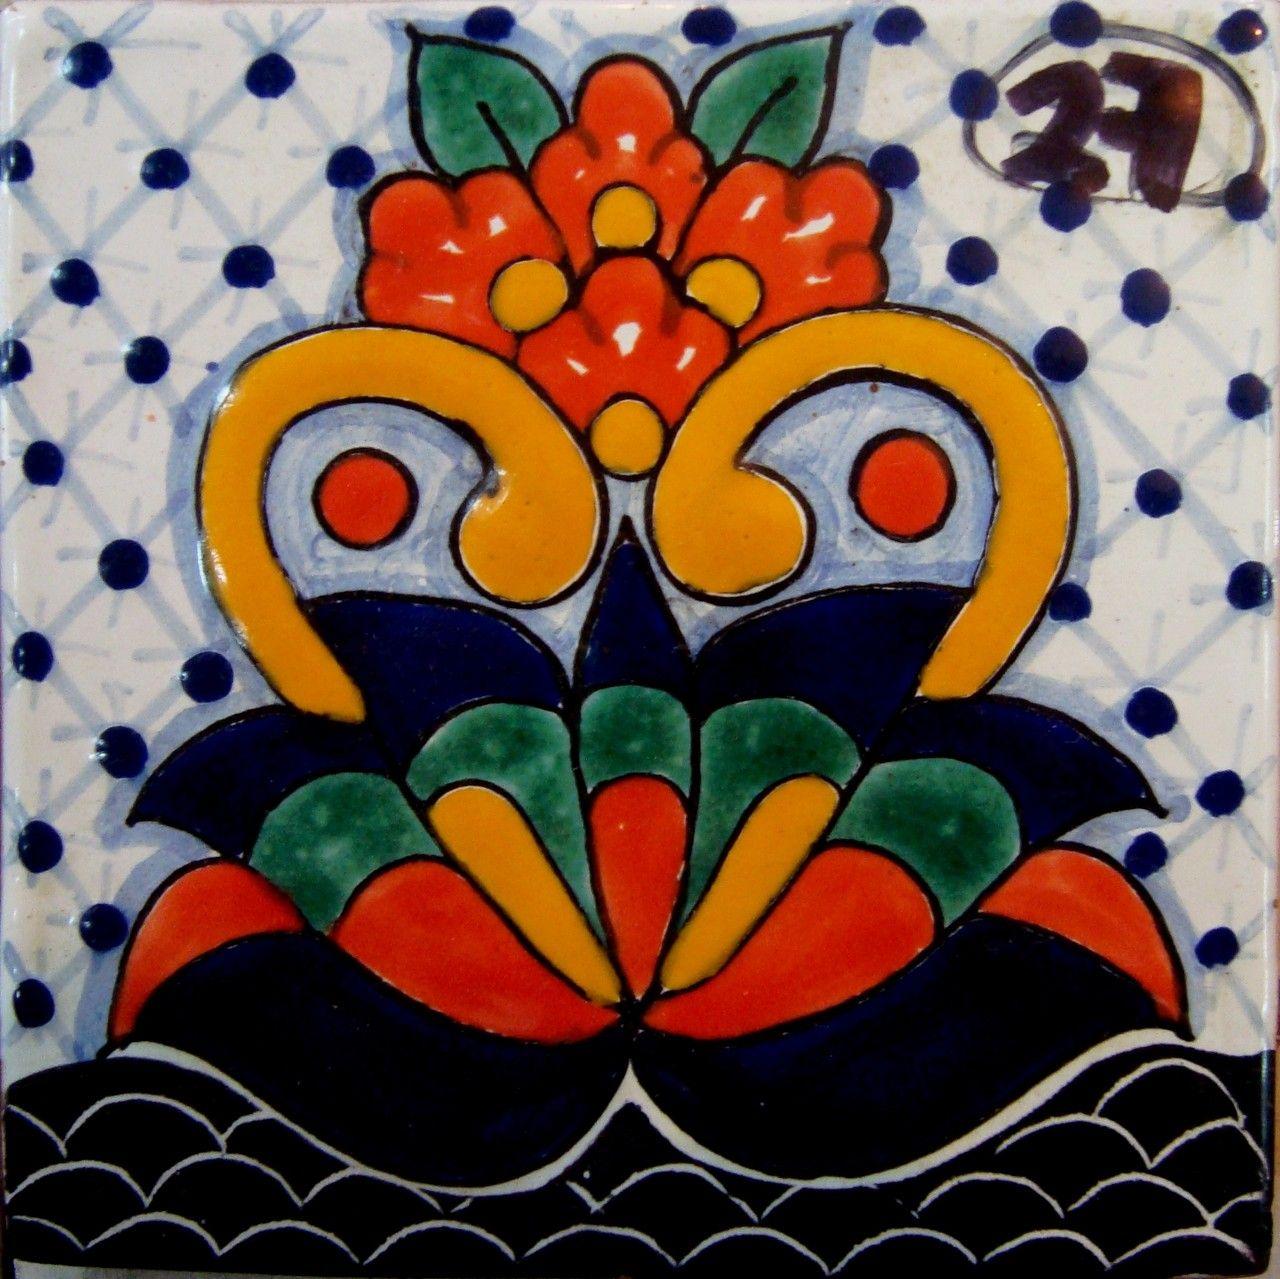 Azulejo talavera de puebla r sticos artesanales talavera azulejo talavera tejas de barro - Pintar tejas de barro ...